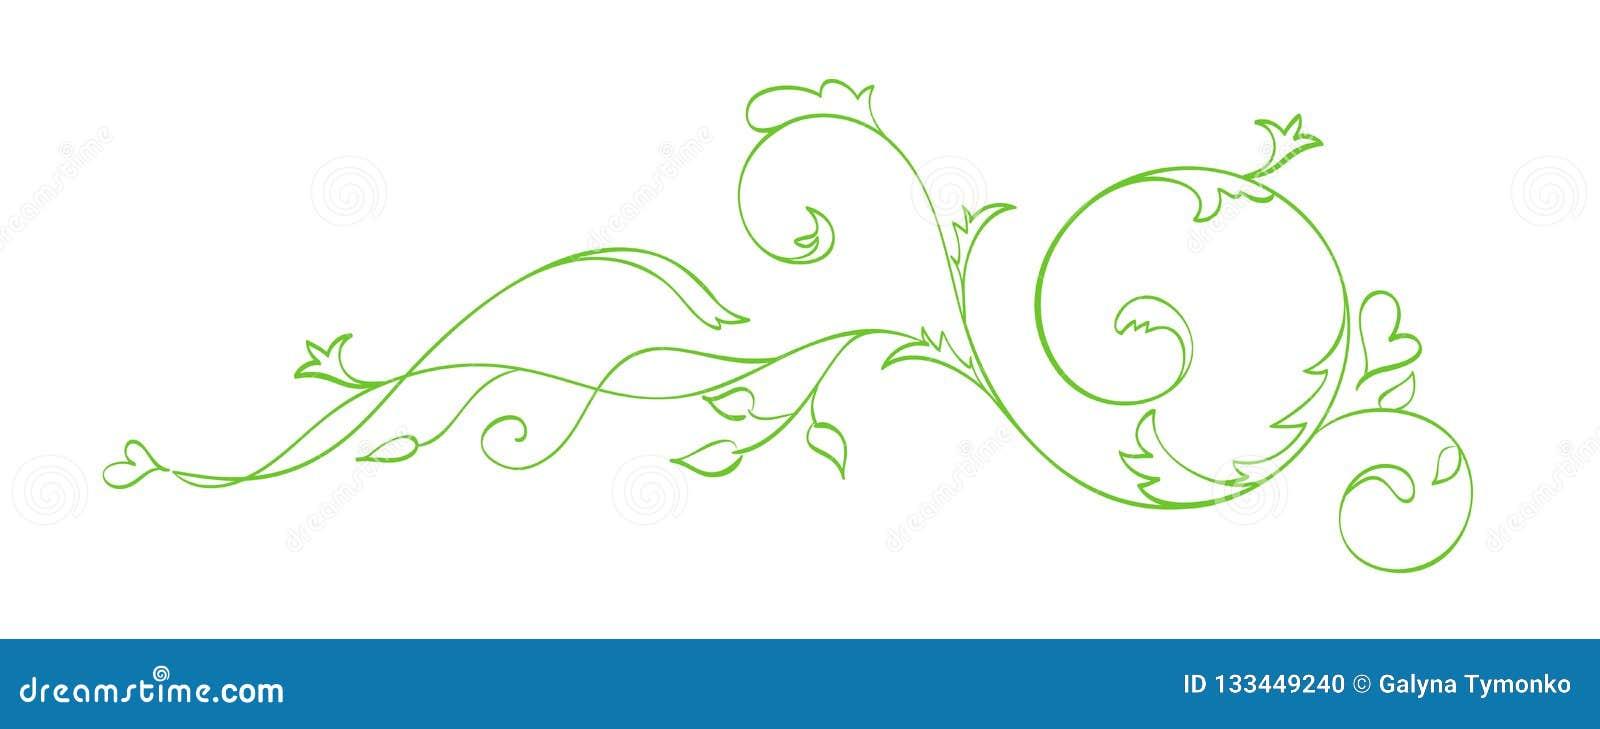 Πράσινος διανυσματικός συρμένος χέρι καλλιγραφικός διαχωριστής Η άνοιξη ακμάζει το στοιχείο σχεδίου Floral ελαφρύ ντεκόρ ύφους γι